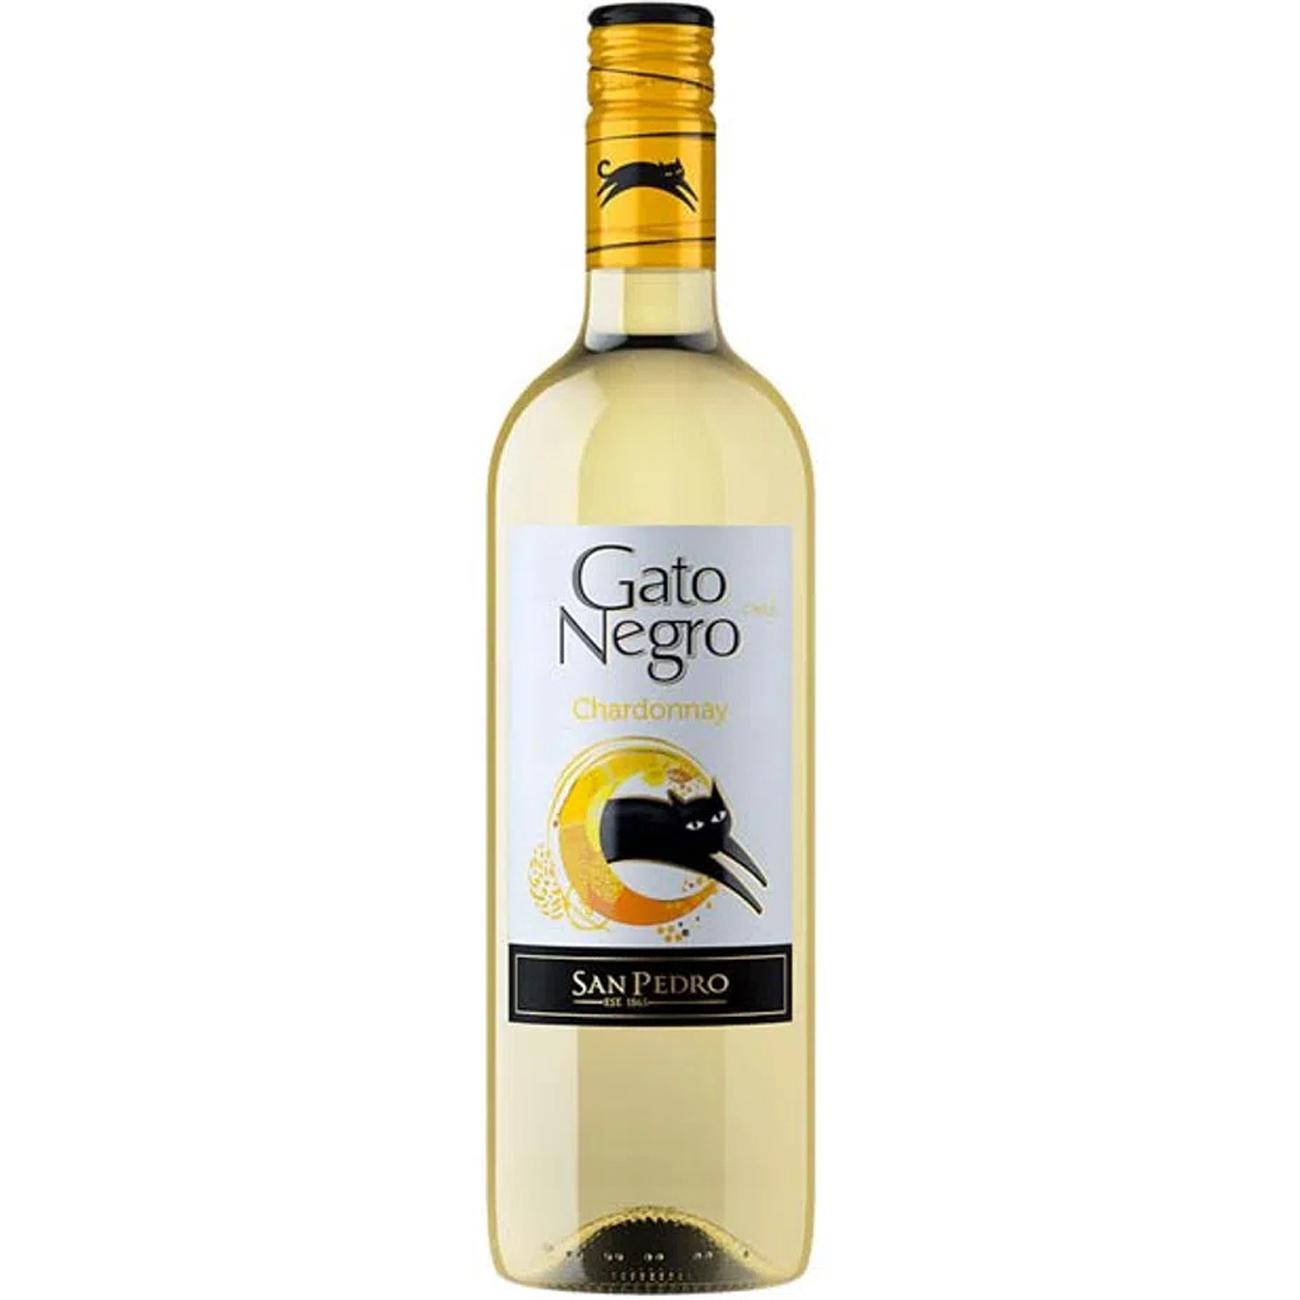 Vinho Gato Negro 750Ml Chardon